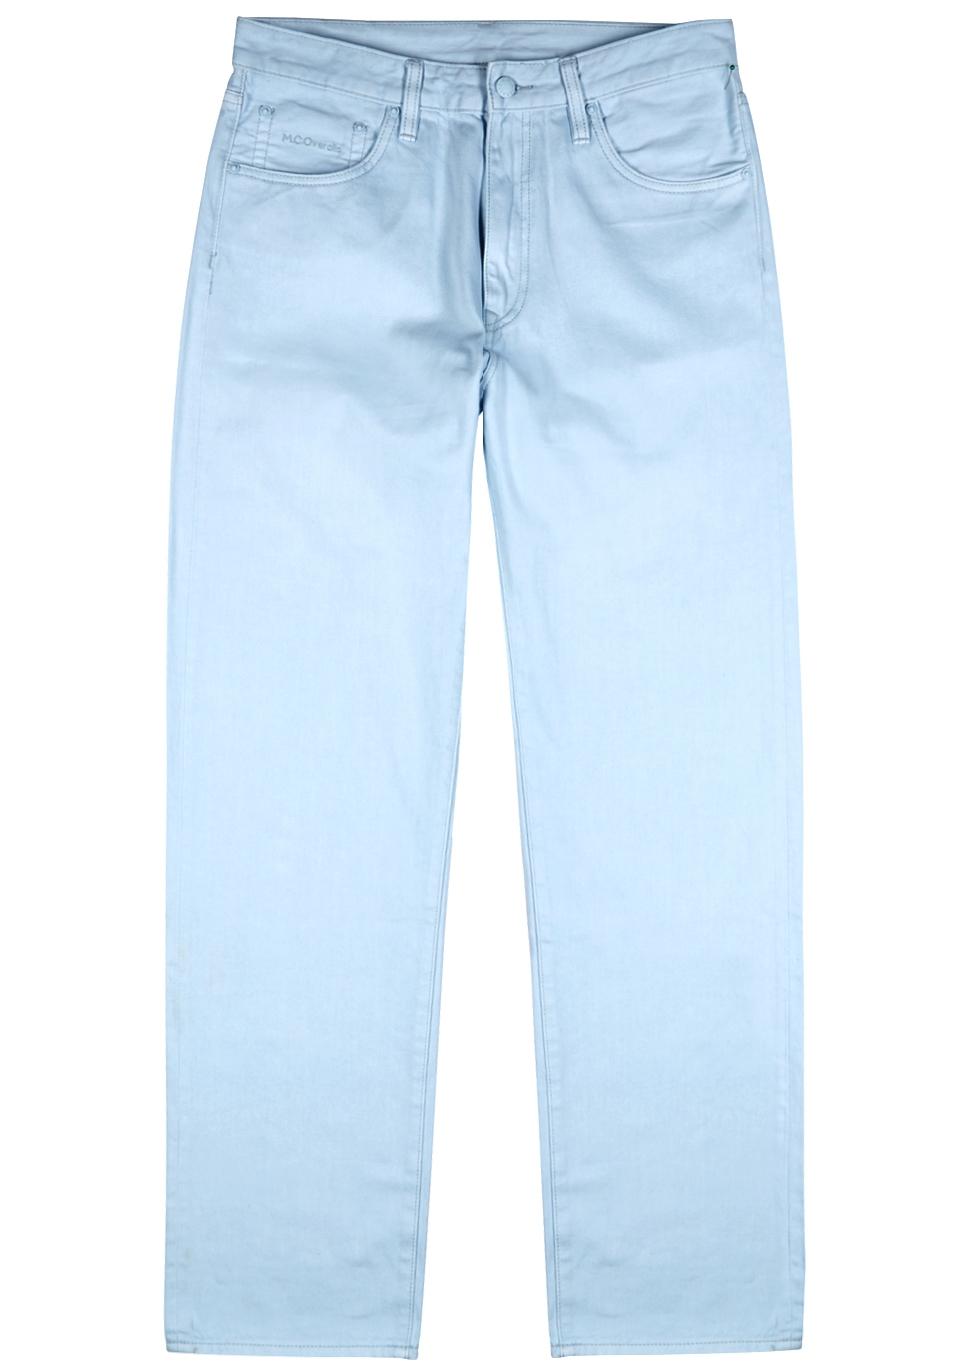 M.C. OVERALLS Light Blue Straight-Leg Jeans in Denim